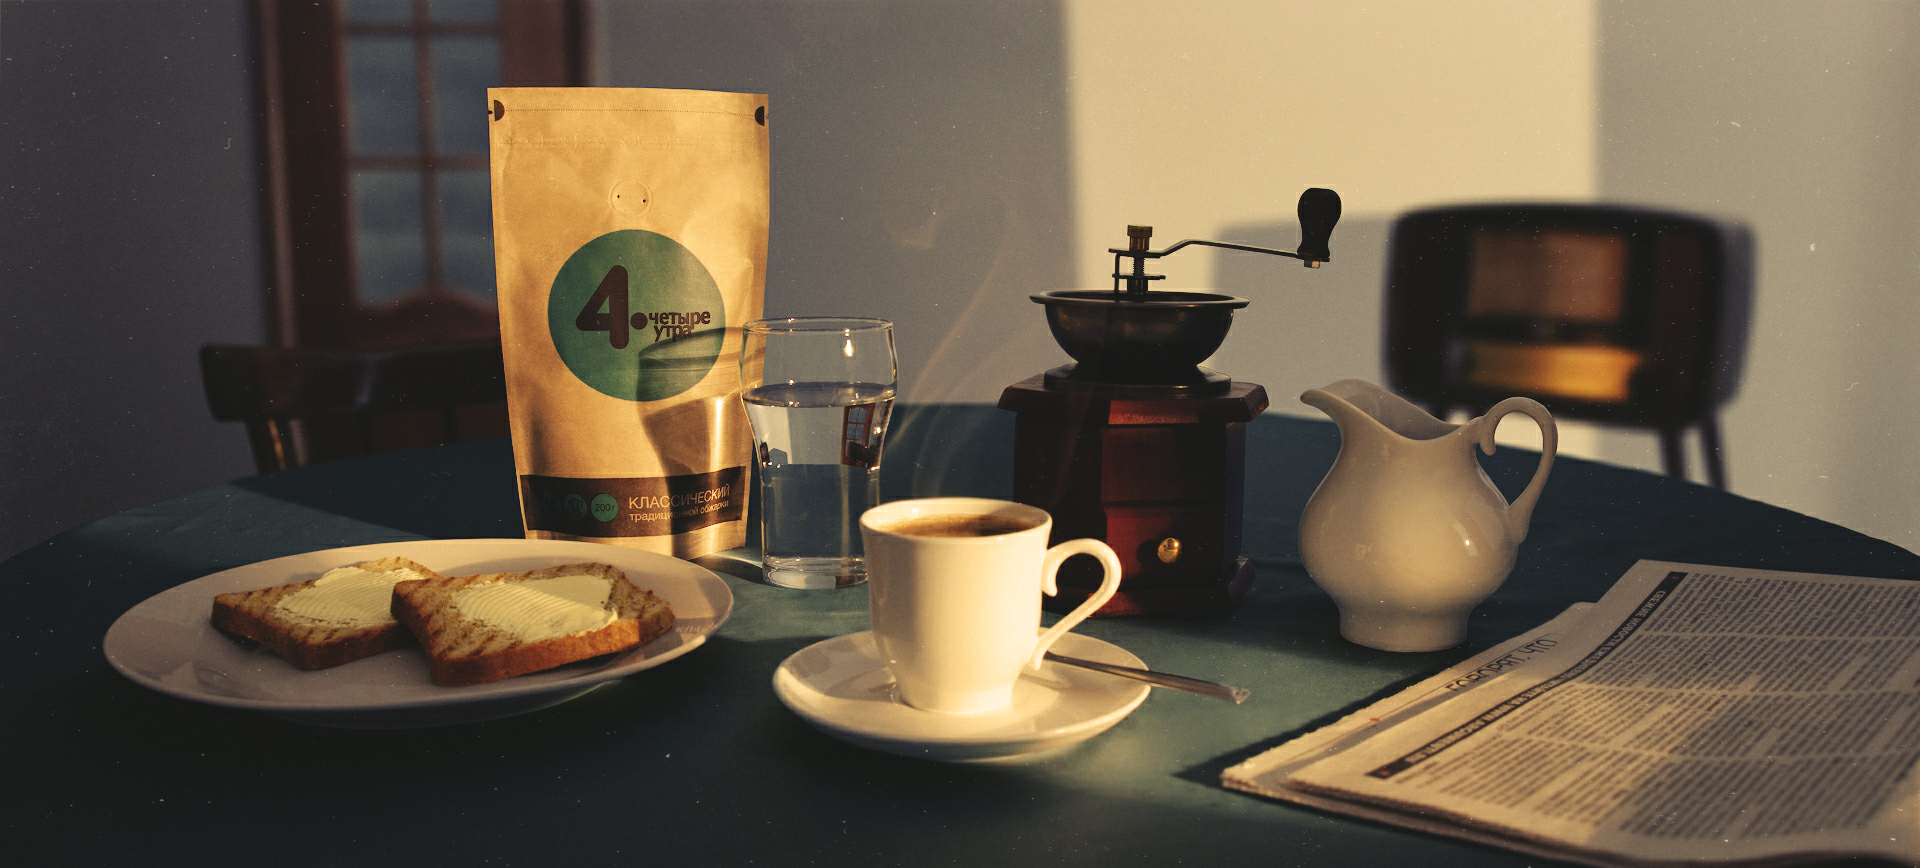 Кофе для гурманов Ростин, 4Утра, , Каффекс. Decafei- есть кофе бес кофеина. Возможен помол от производителя! Чай- Lesnoy .